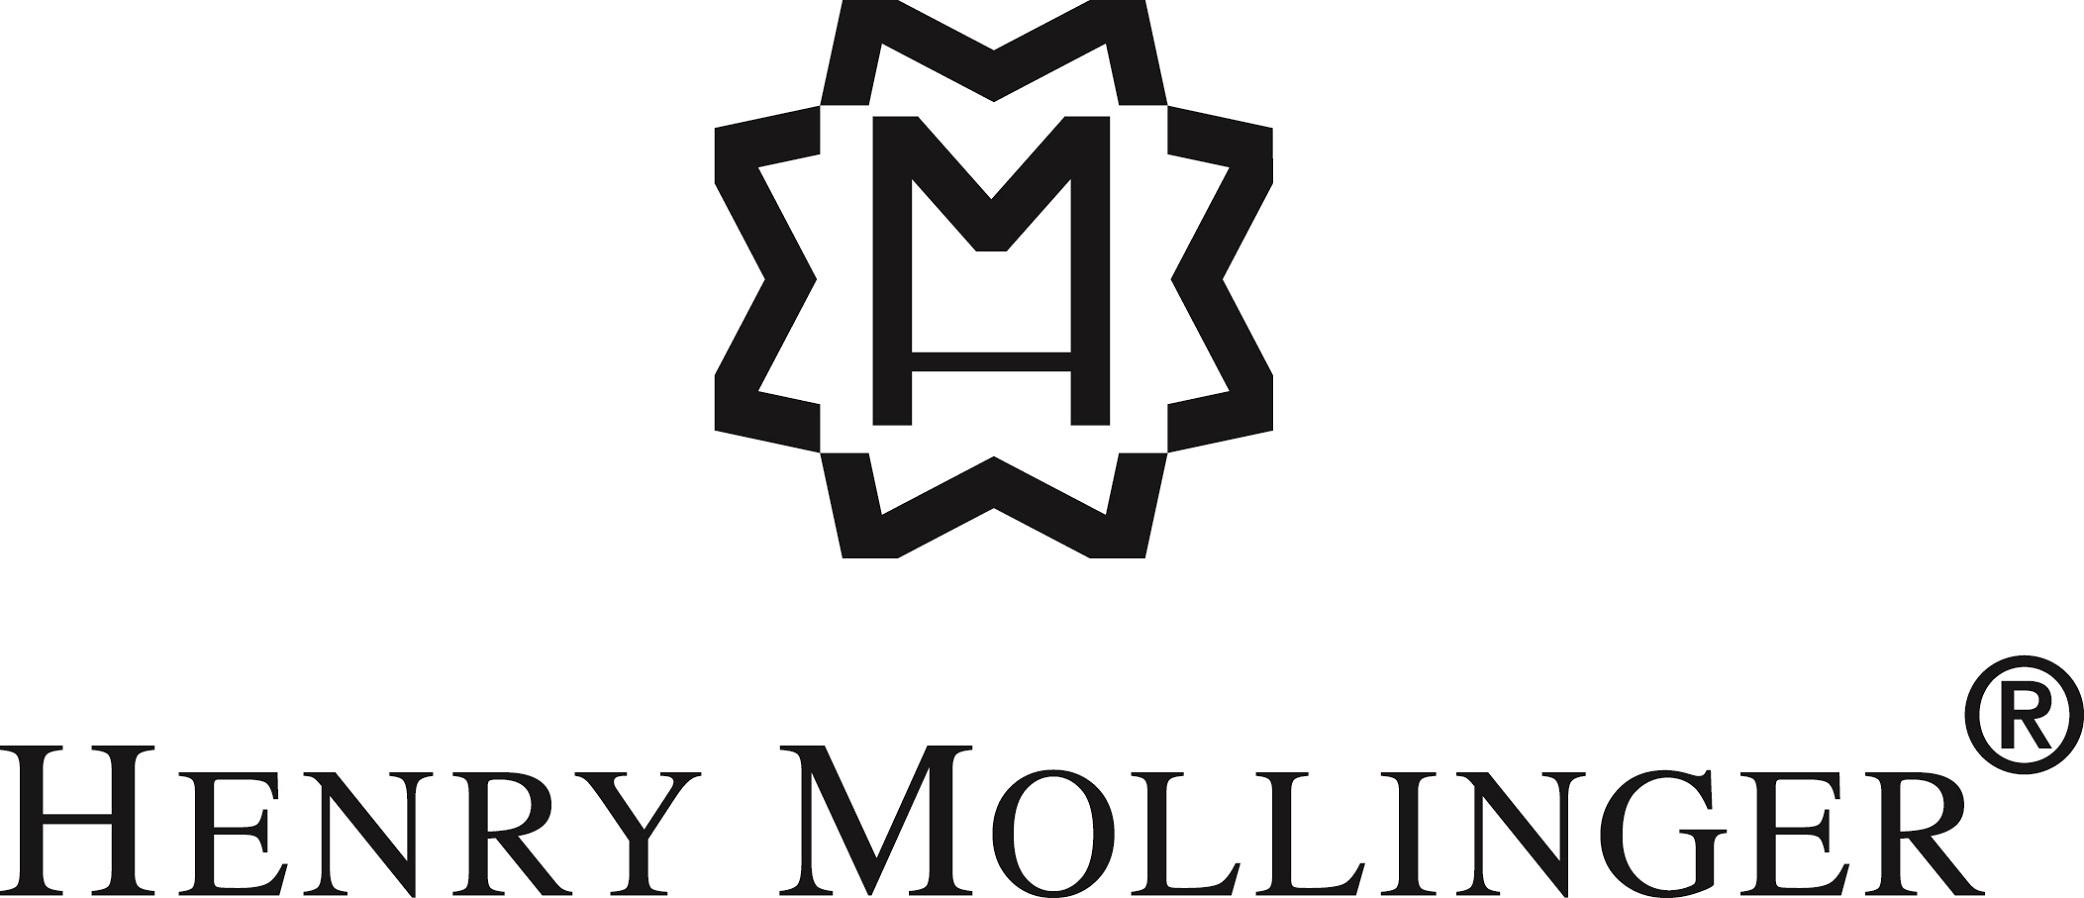 Henry Mollinger